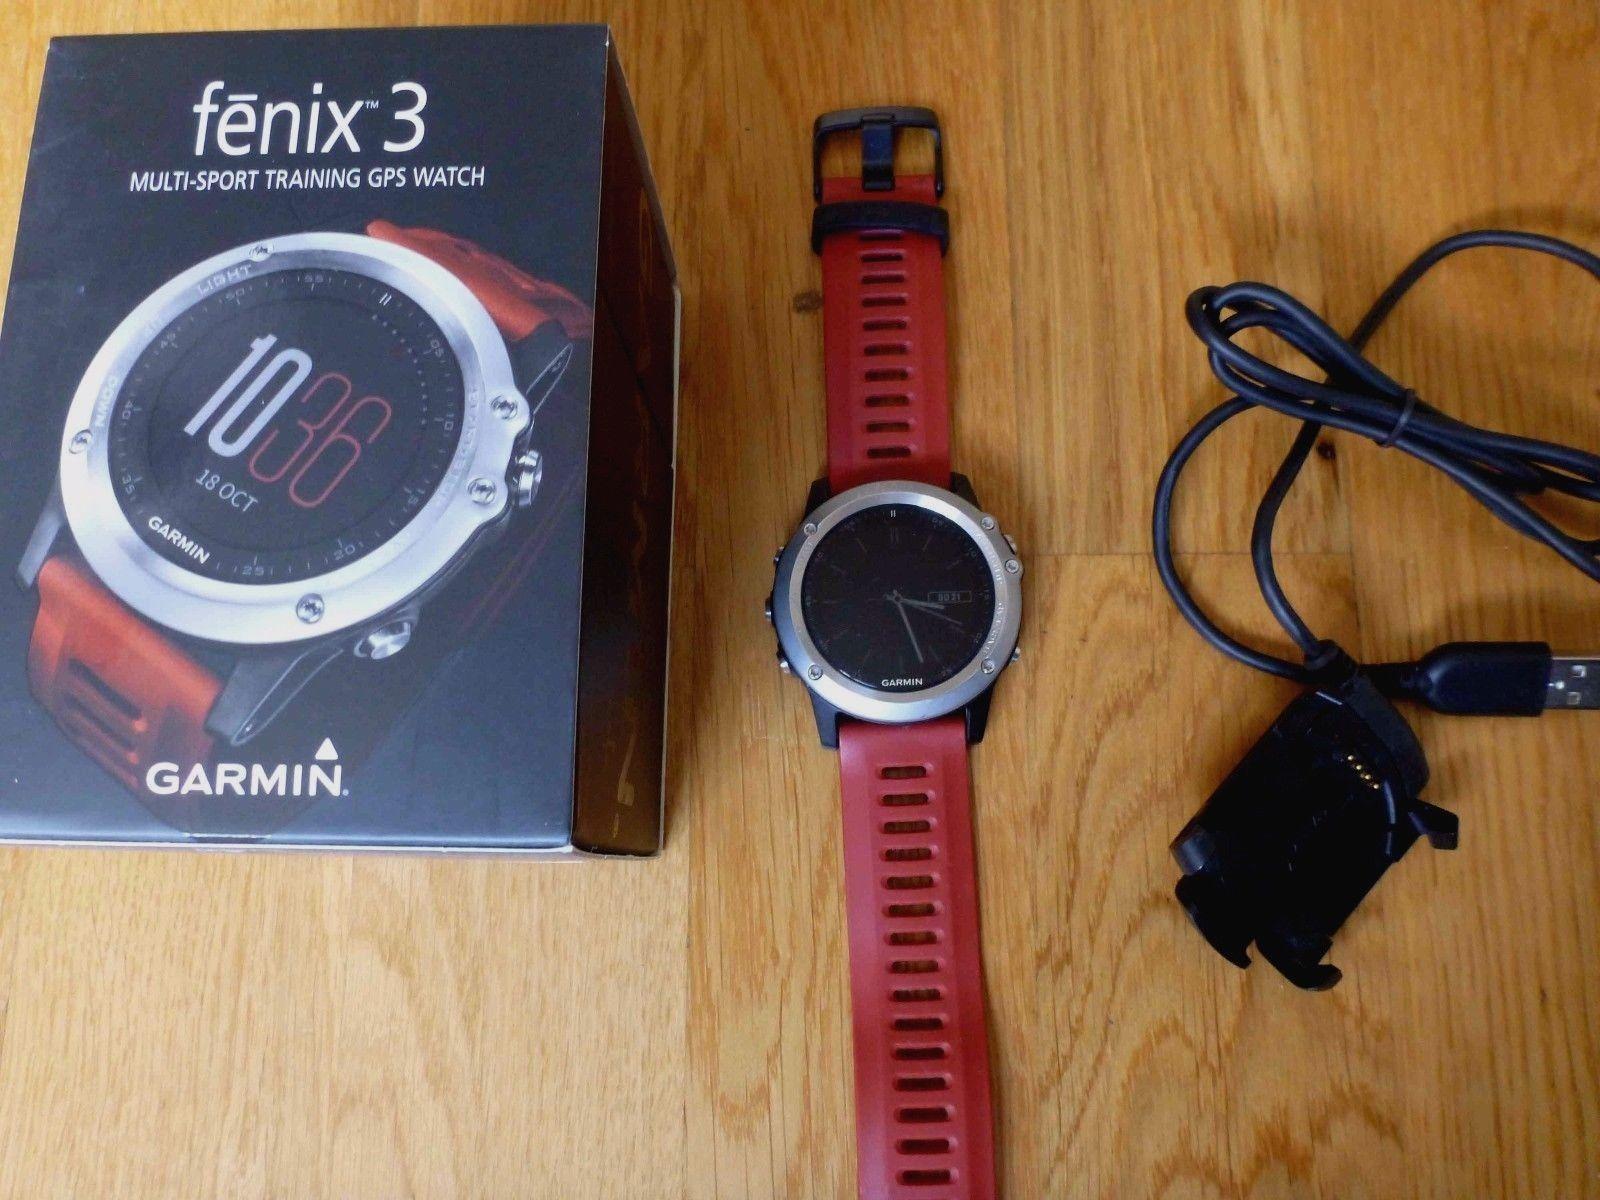 GARMIN fenix 3 Silber, GPS Multisportuhr, Laufen, Rad, Schwimmen, wie neu!